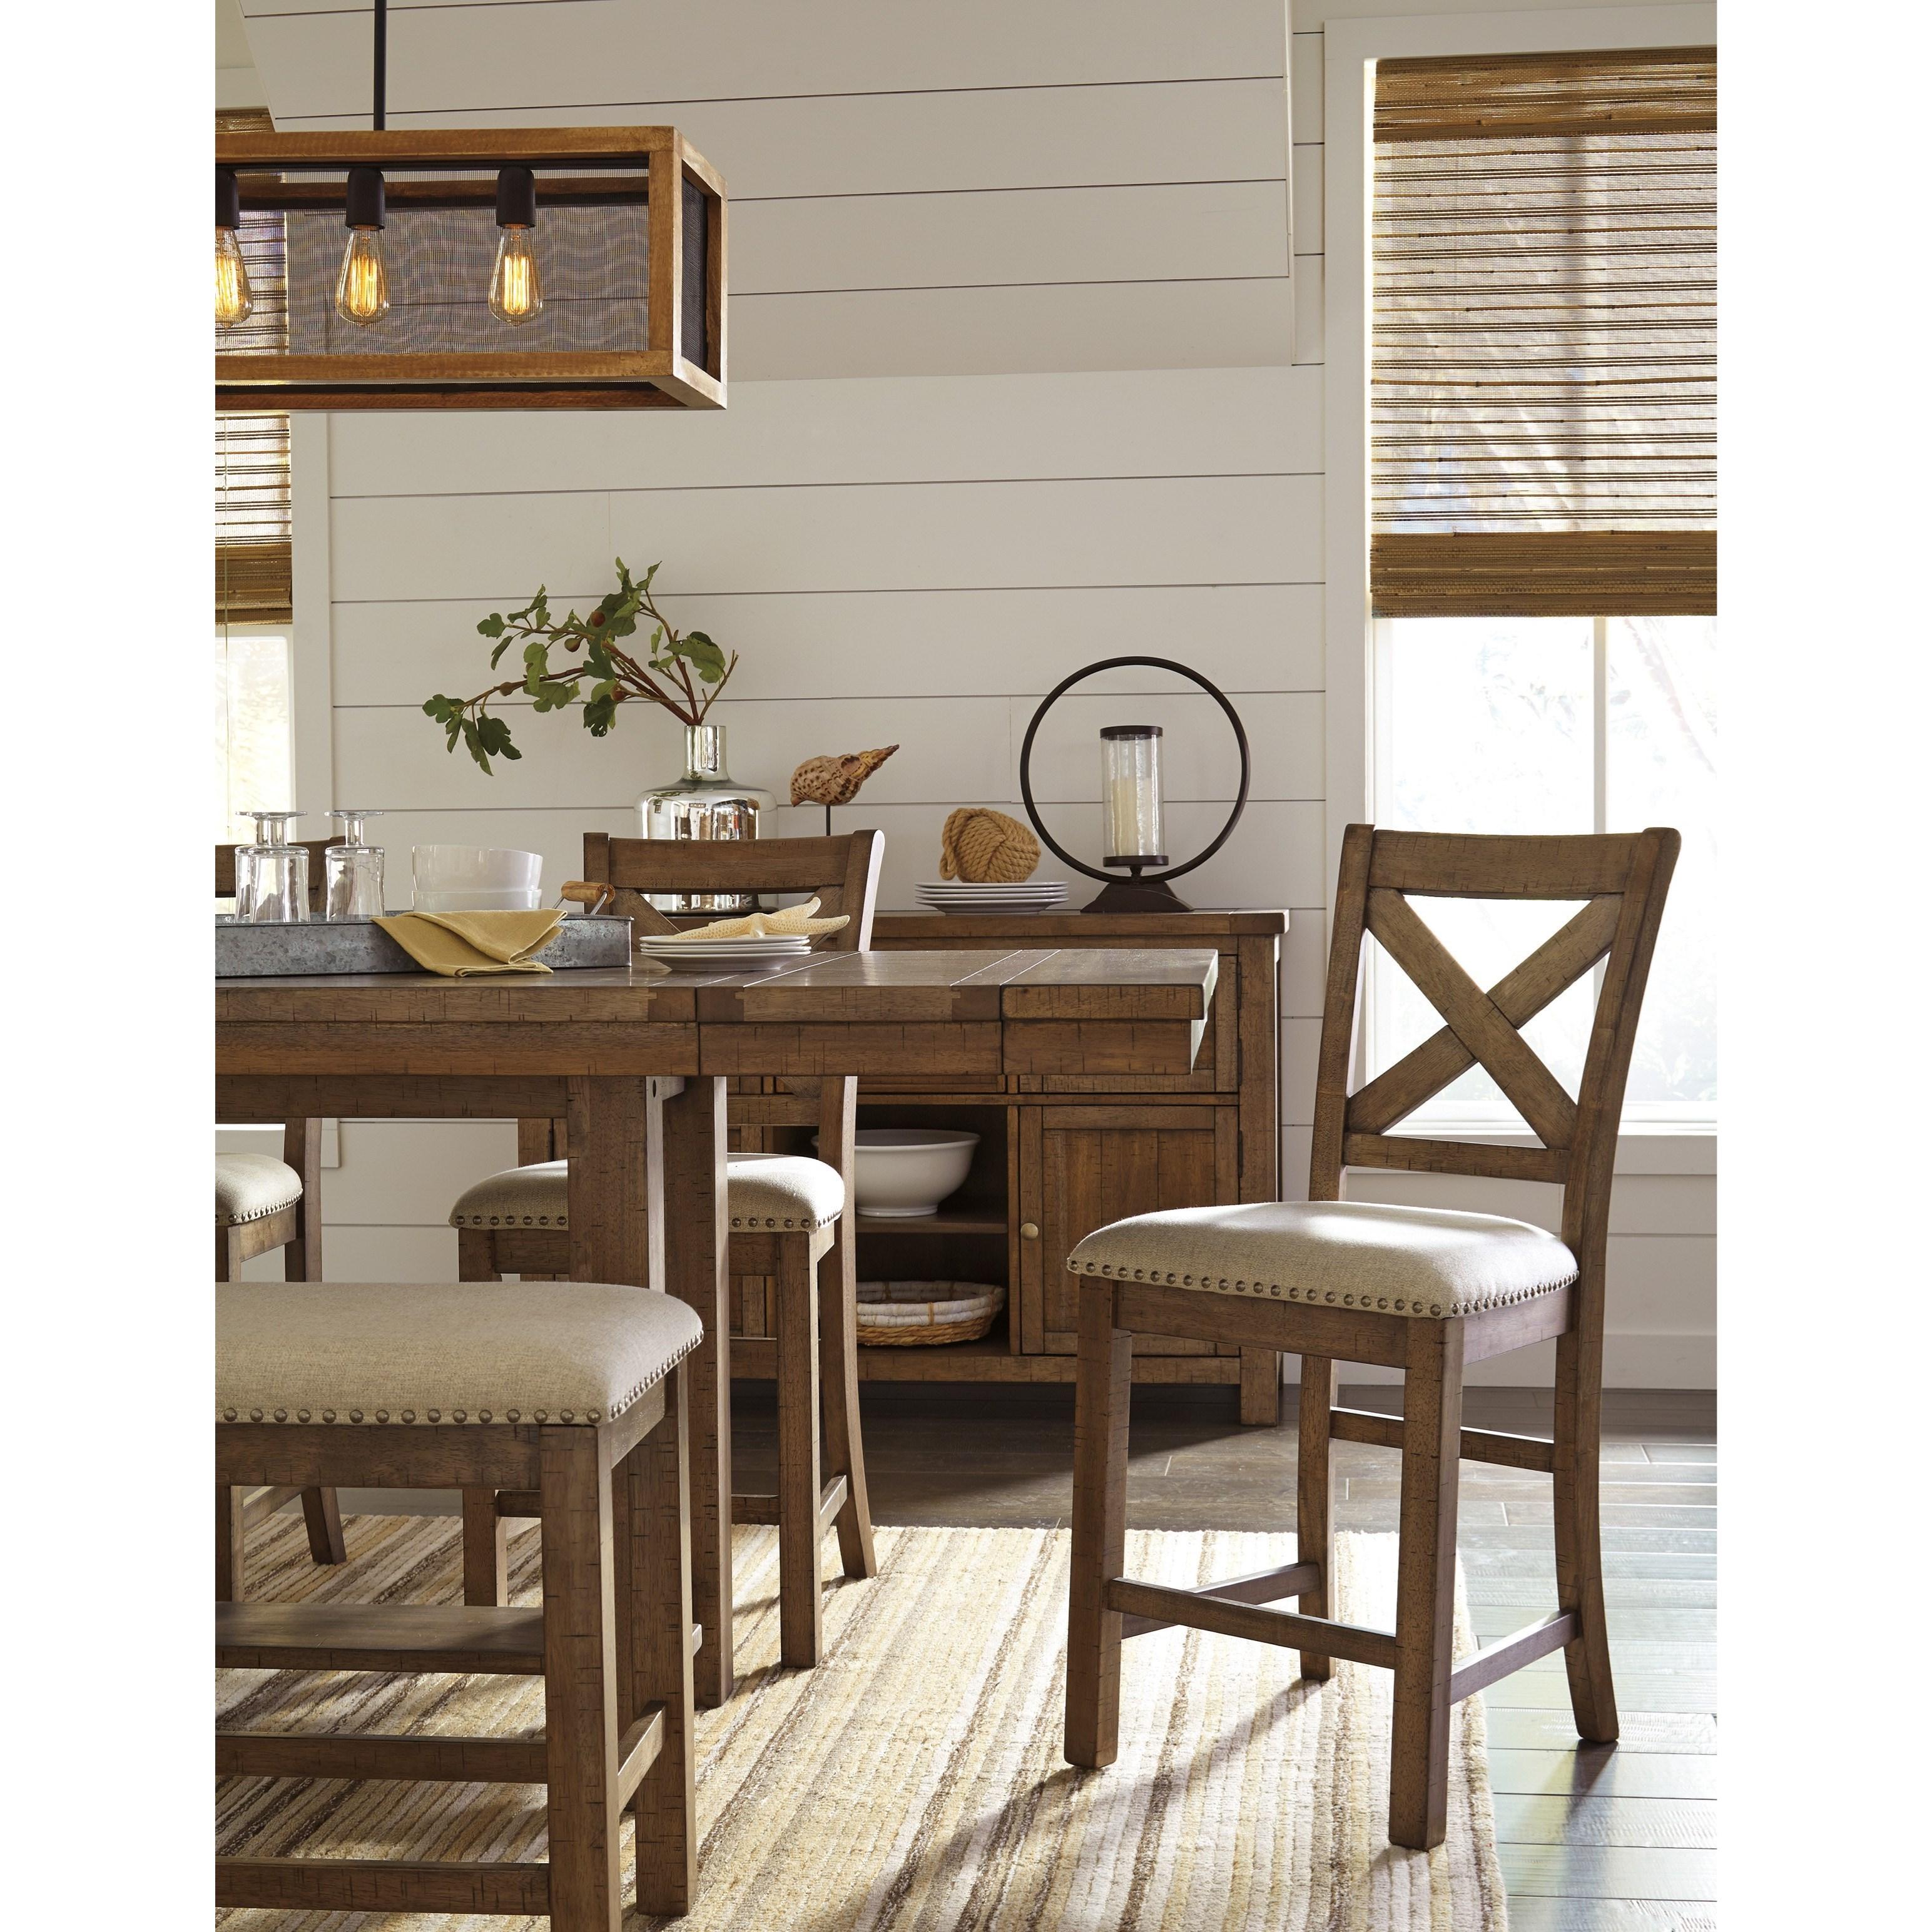 Ashley signature design moriville d631 124 upholstered for Furniture 124